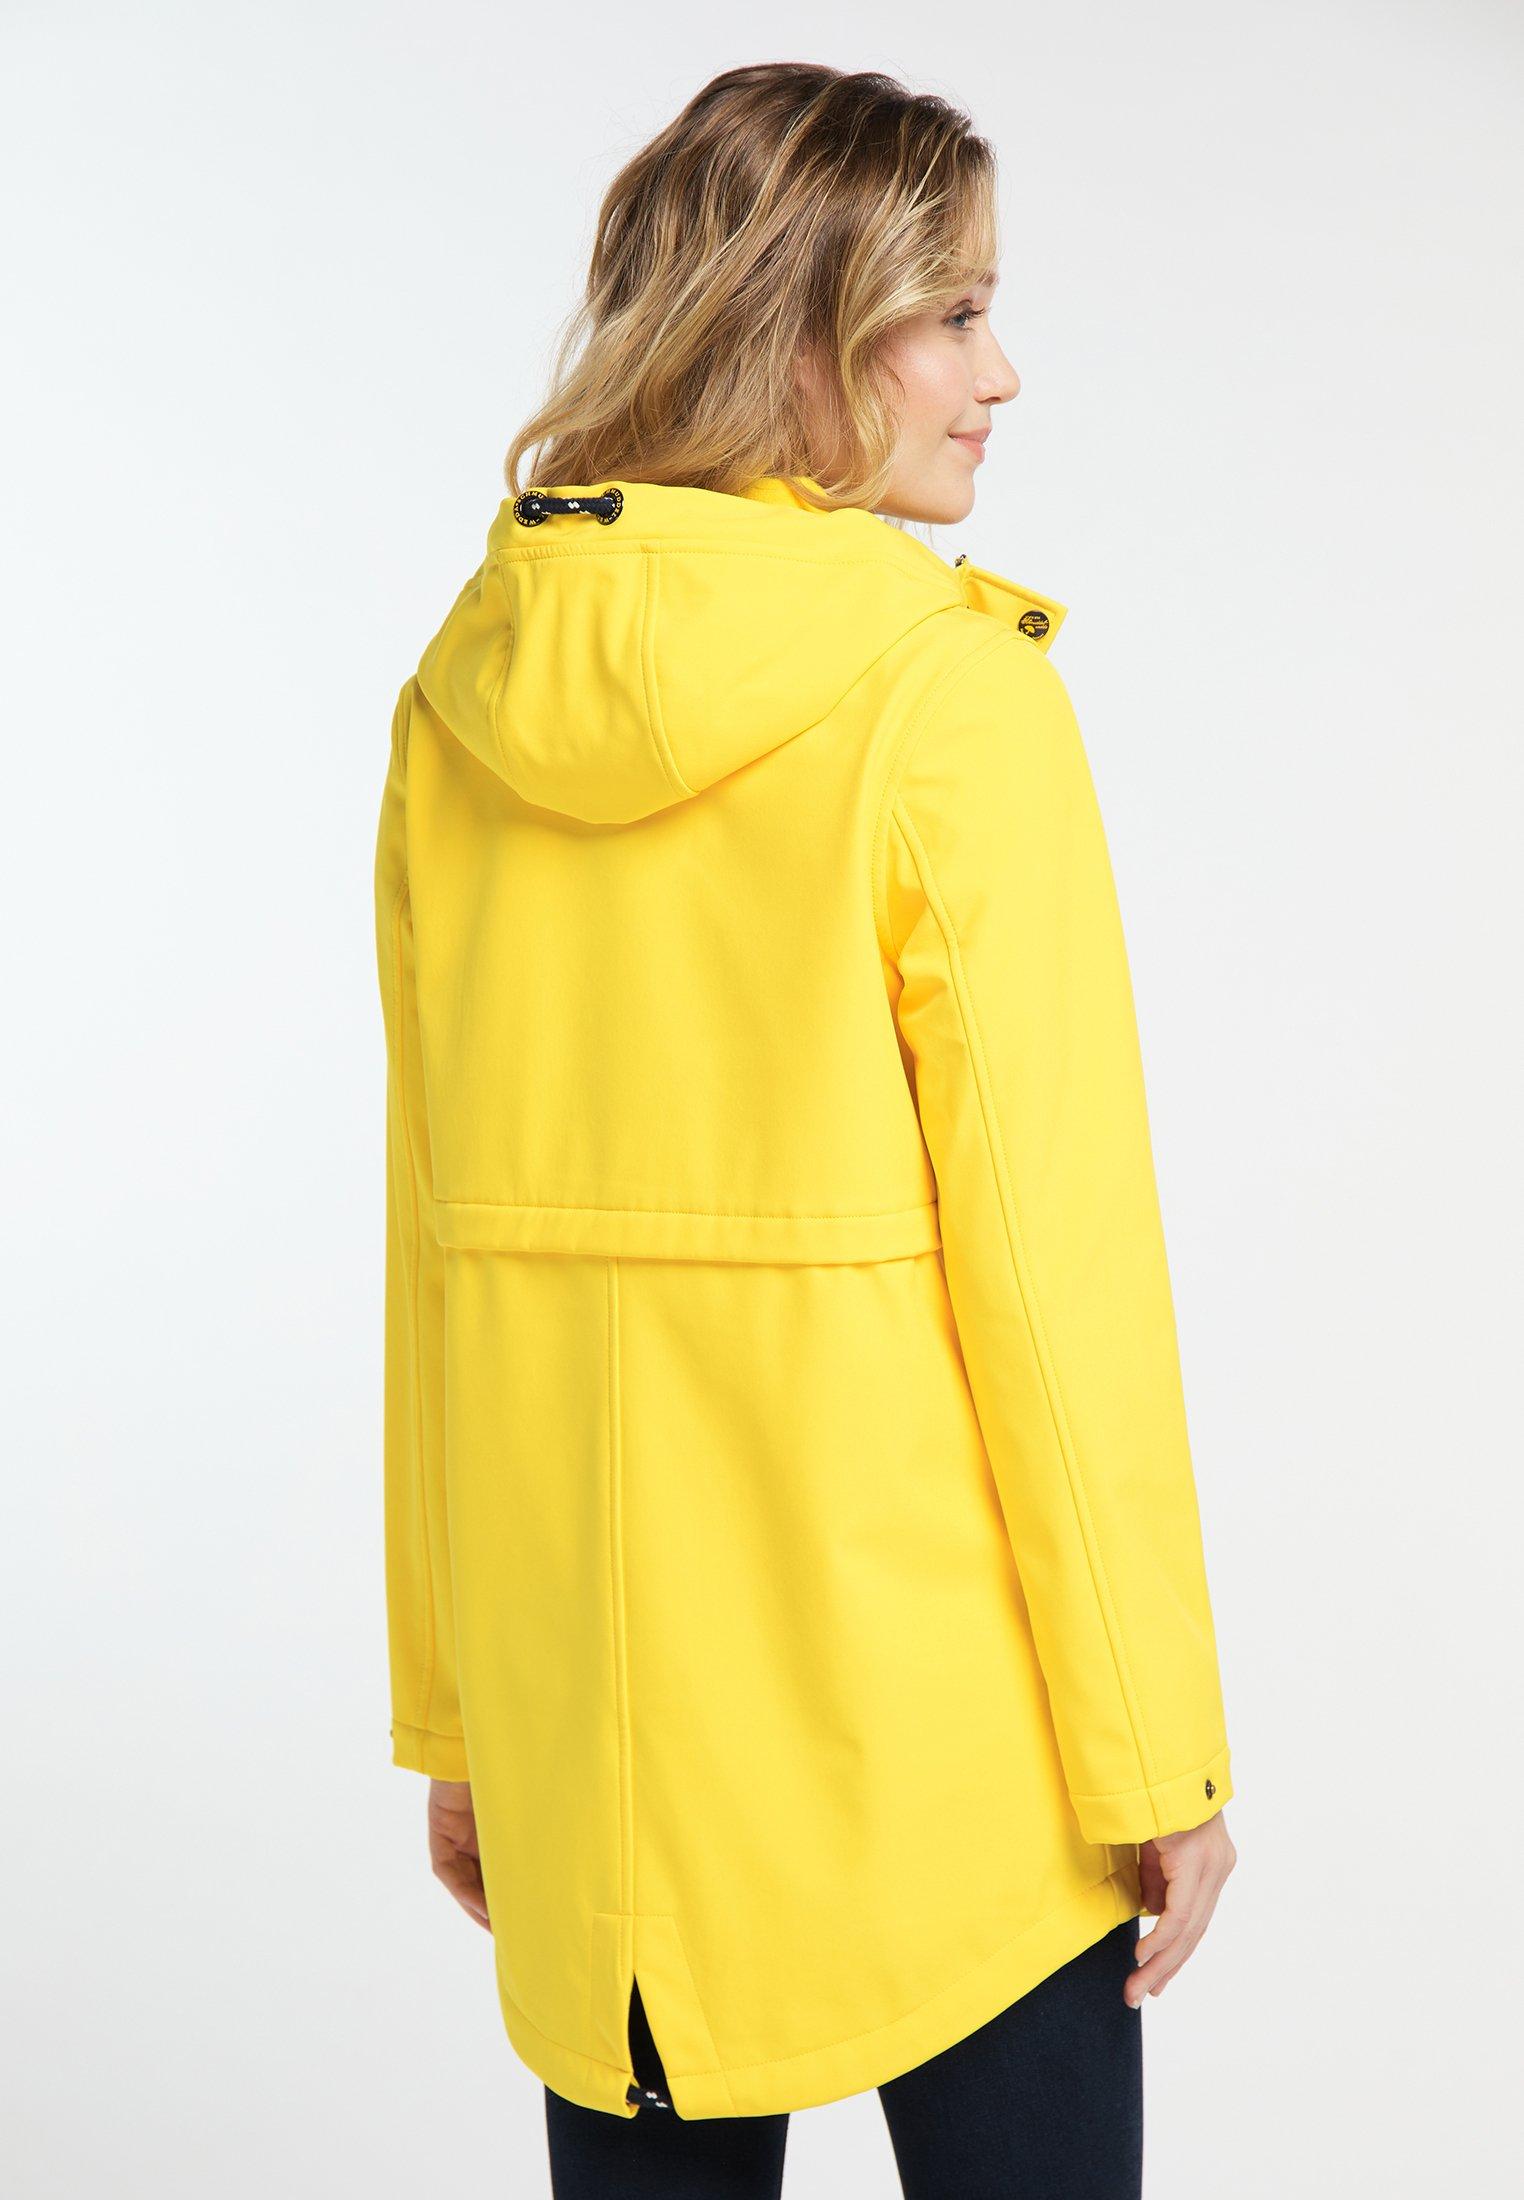 Schmuddelwedda Parka - yellow